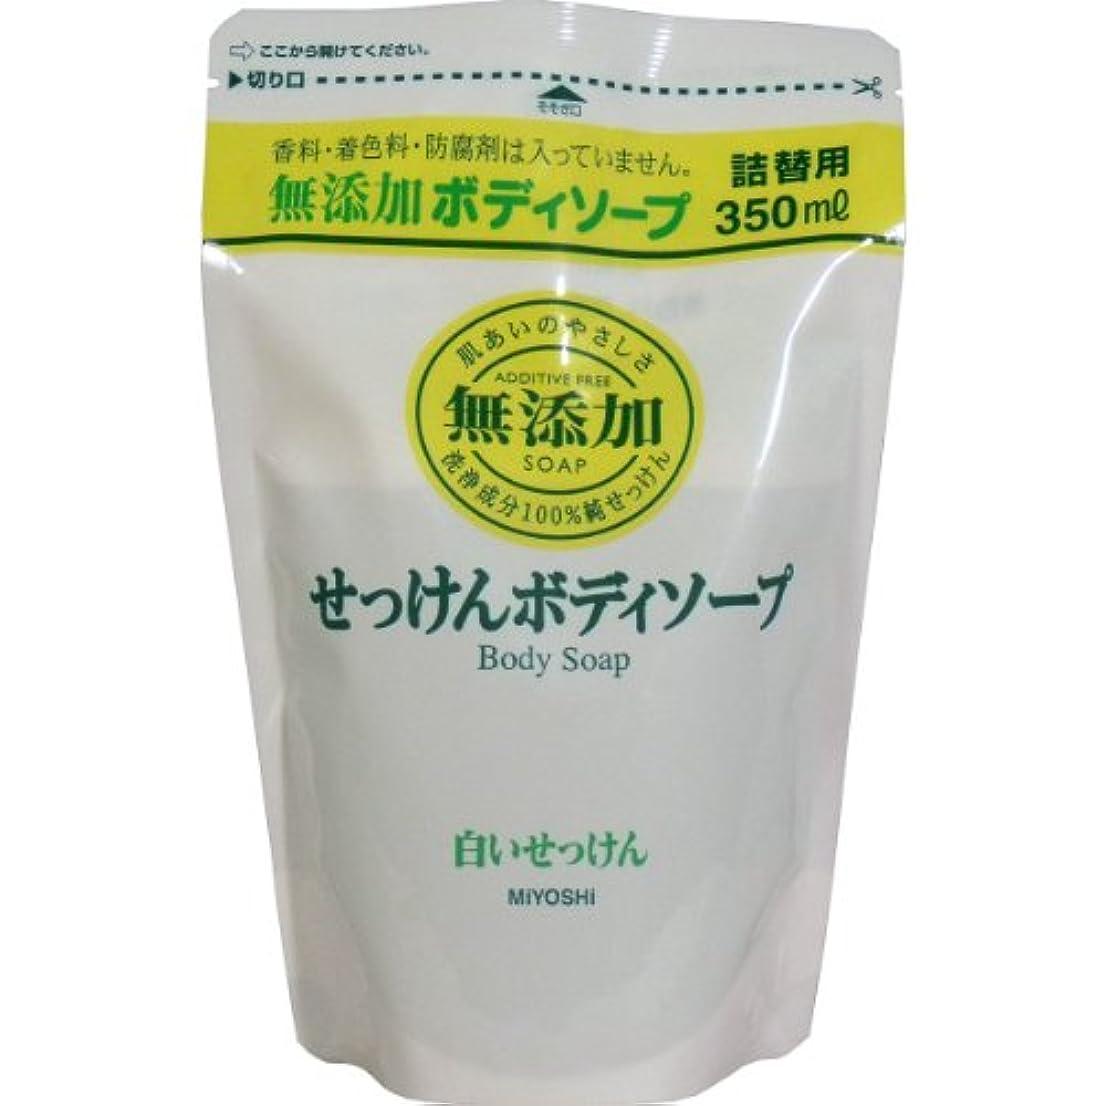 運命的な確かめる一握りミヨシ 無添加 ボディソープ 白い石けん つめかえ用 350ml(無添加石鹸) x 10個セット